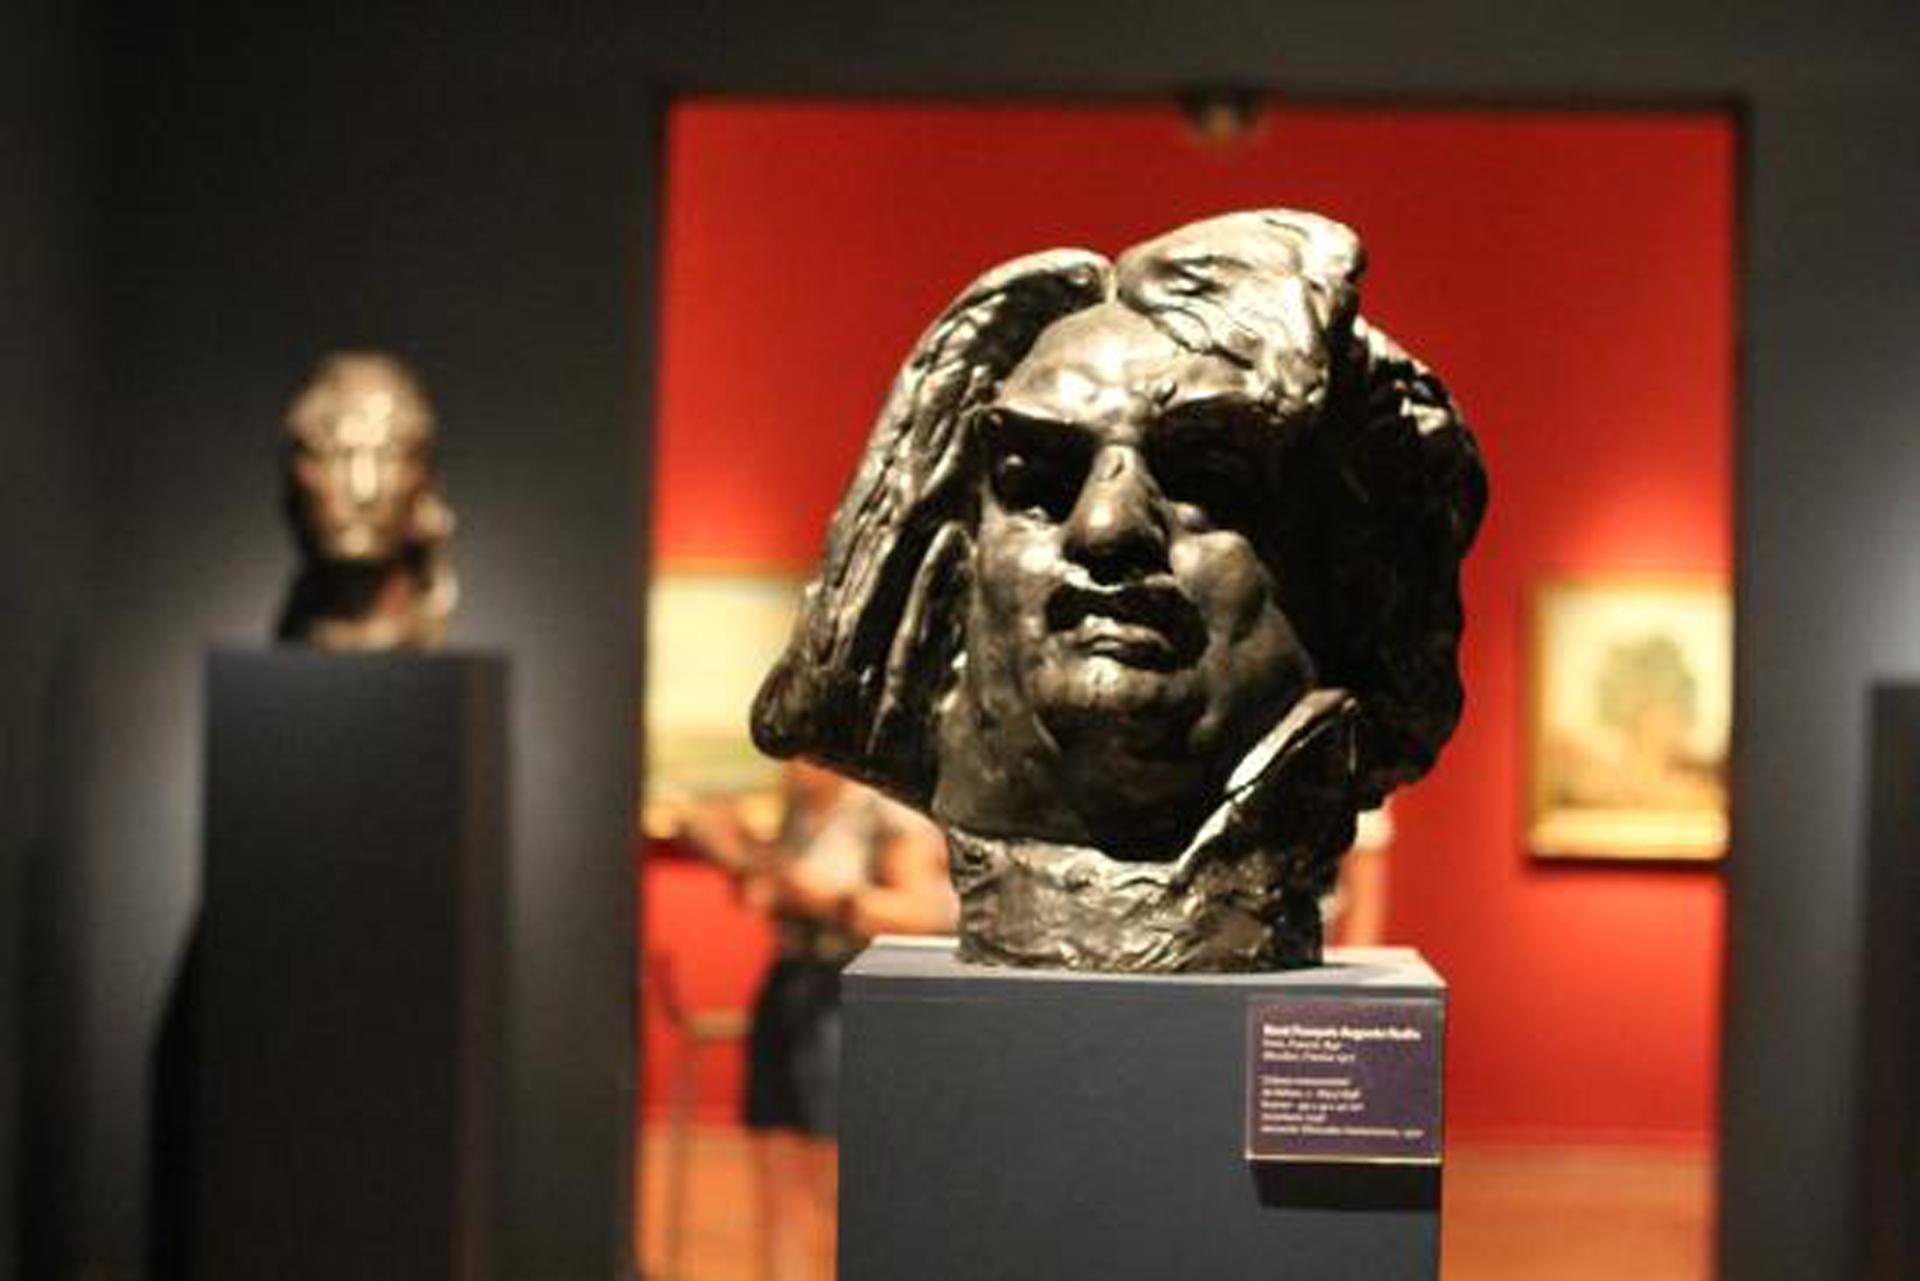 La muestra reúne 19 esculturas y tres dibujos de Auguste Rodin